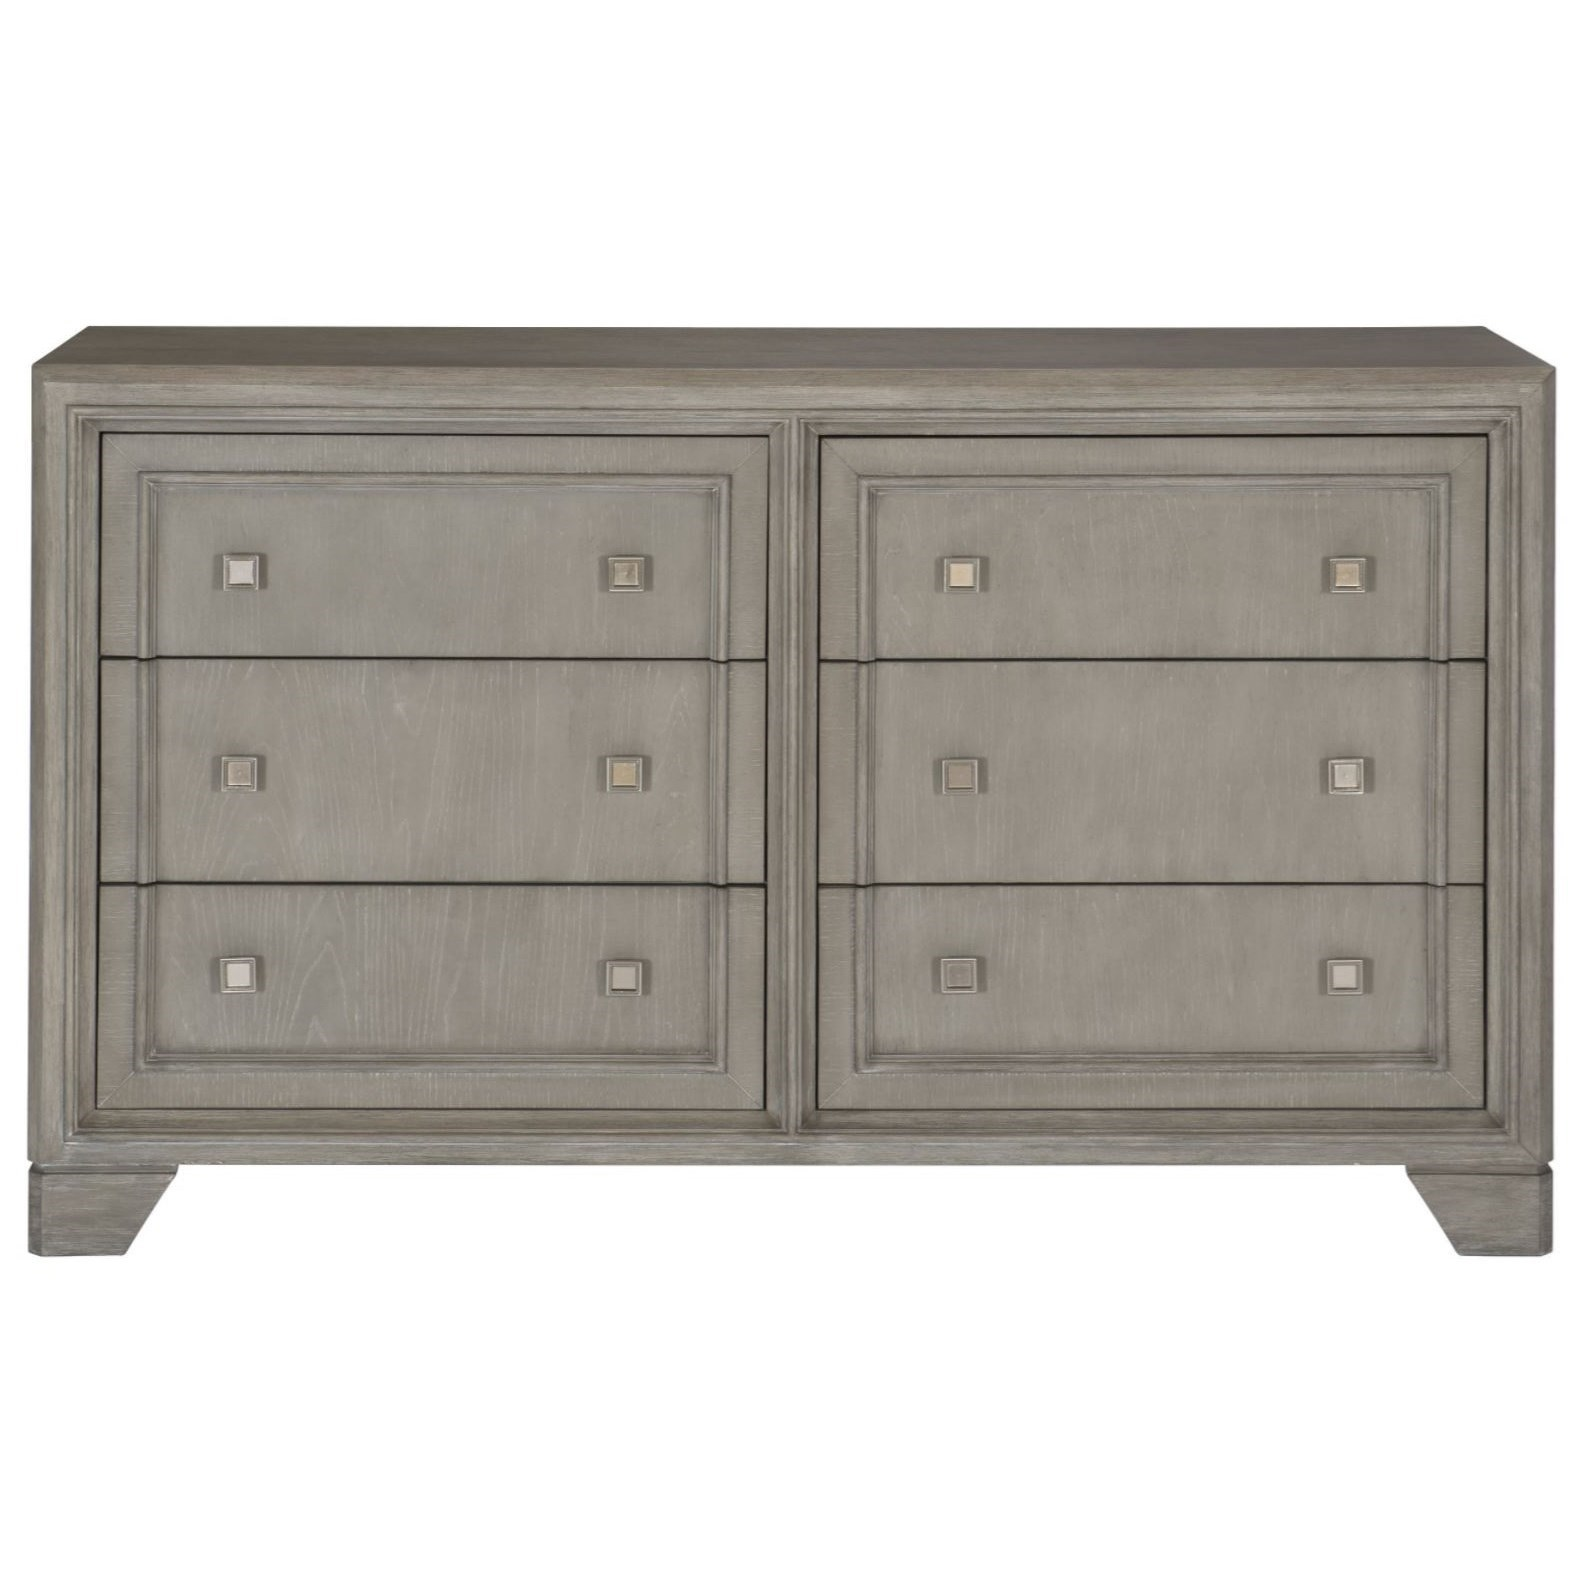 Colchester Dresser by Homelegance at Carolina Direct